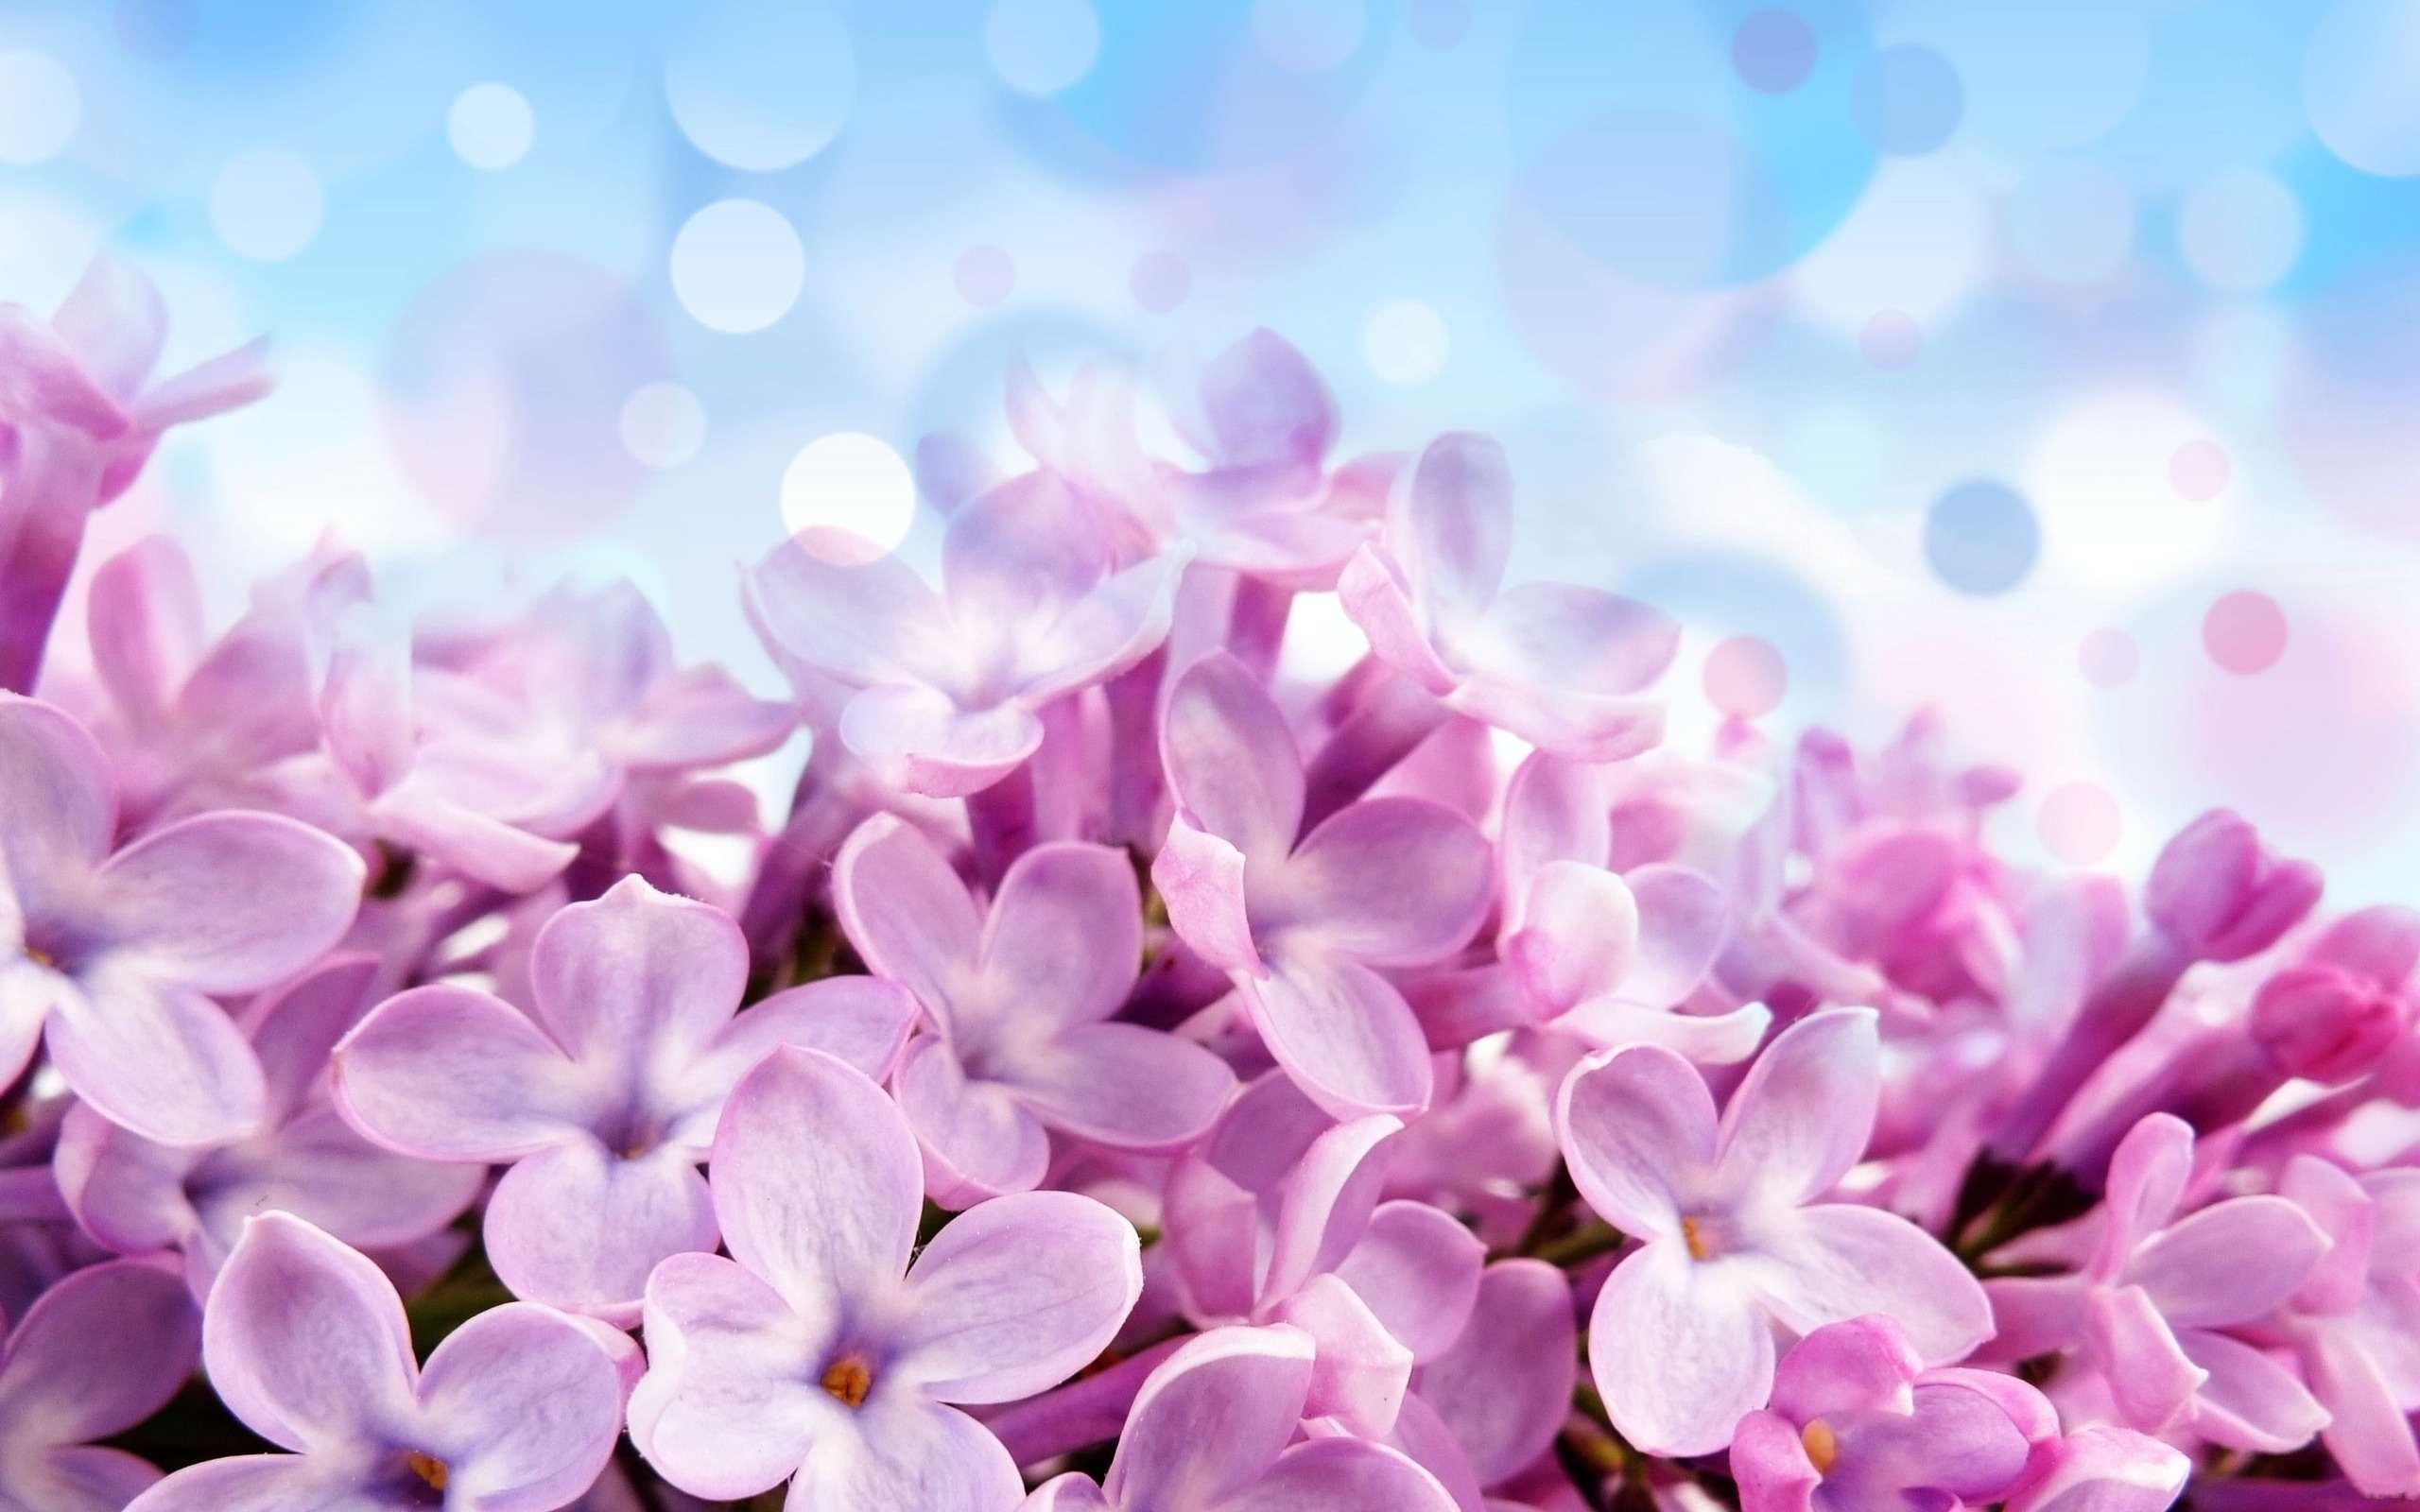 تصویر زمینه گل های بنفش گنجینه تصاویر تبيان